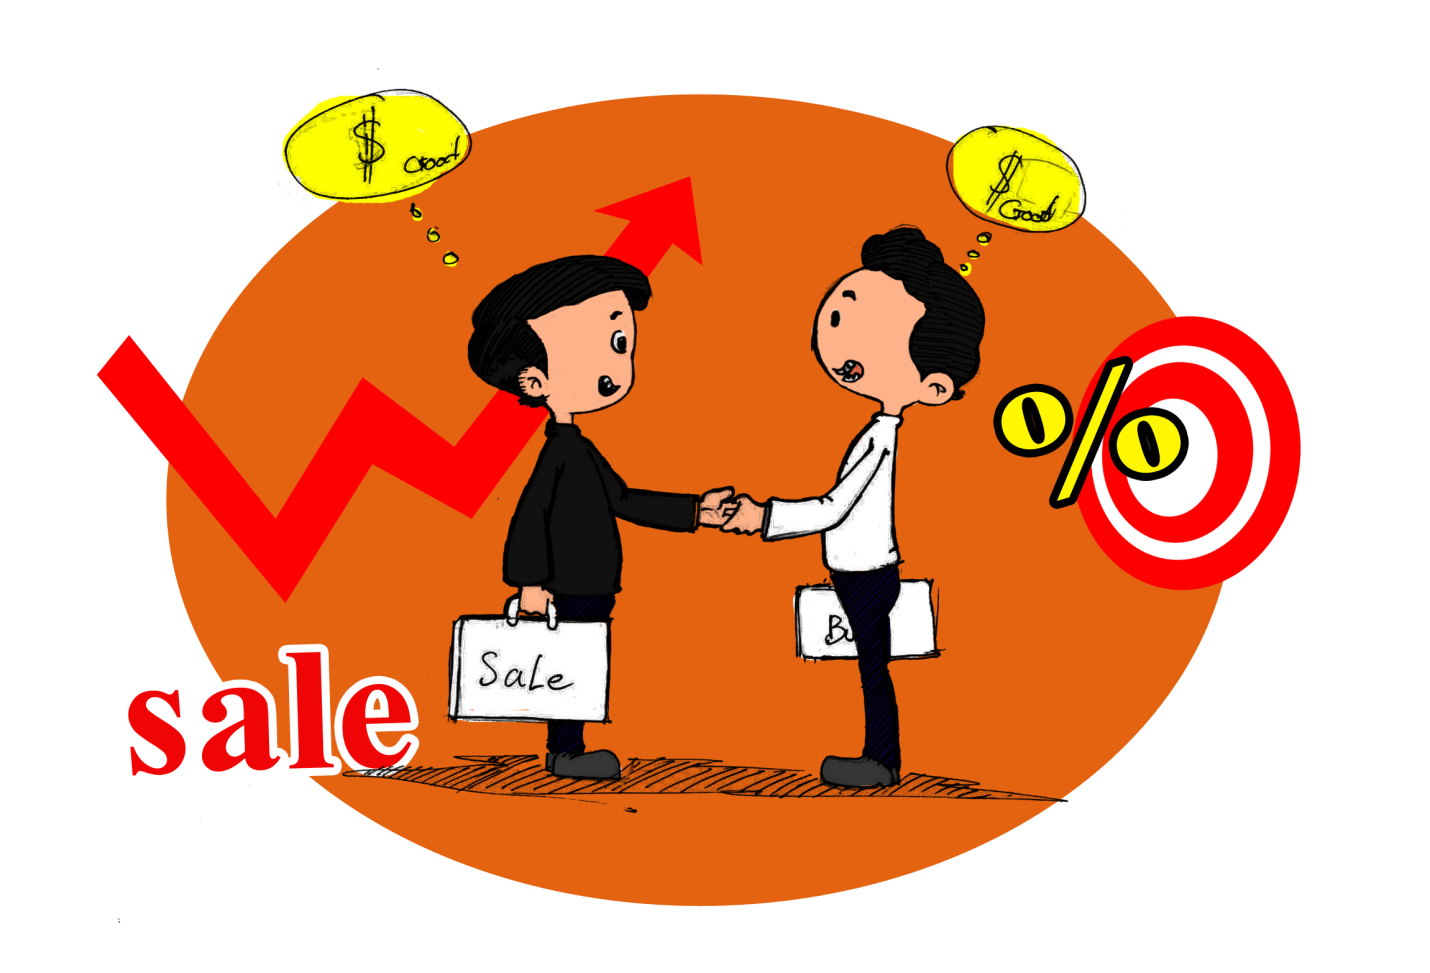 ky nang chot sale dinh cao nhat dinh phai biet3 - Chốt sale là gì? Kỹ năng chốt sale hiệu quả nhất trong kinh doanh